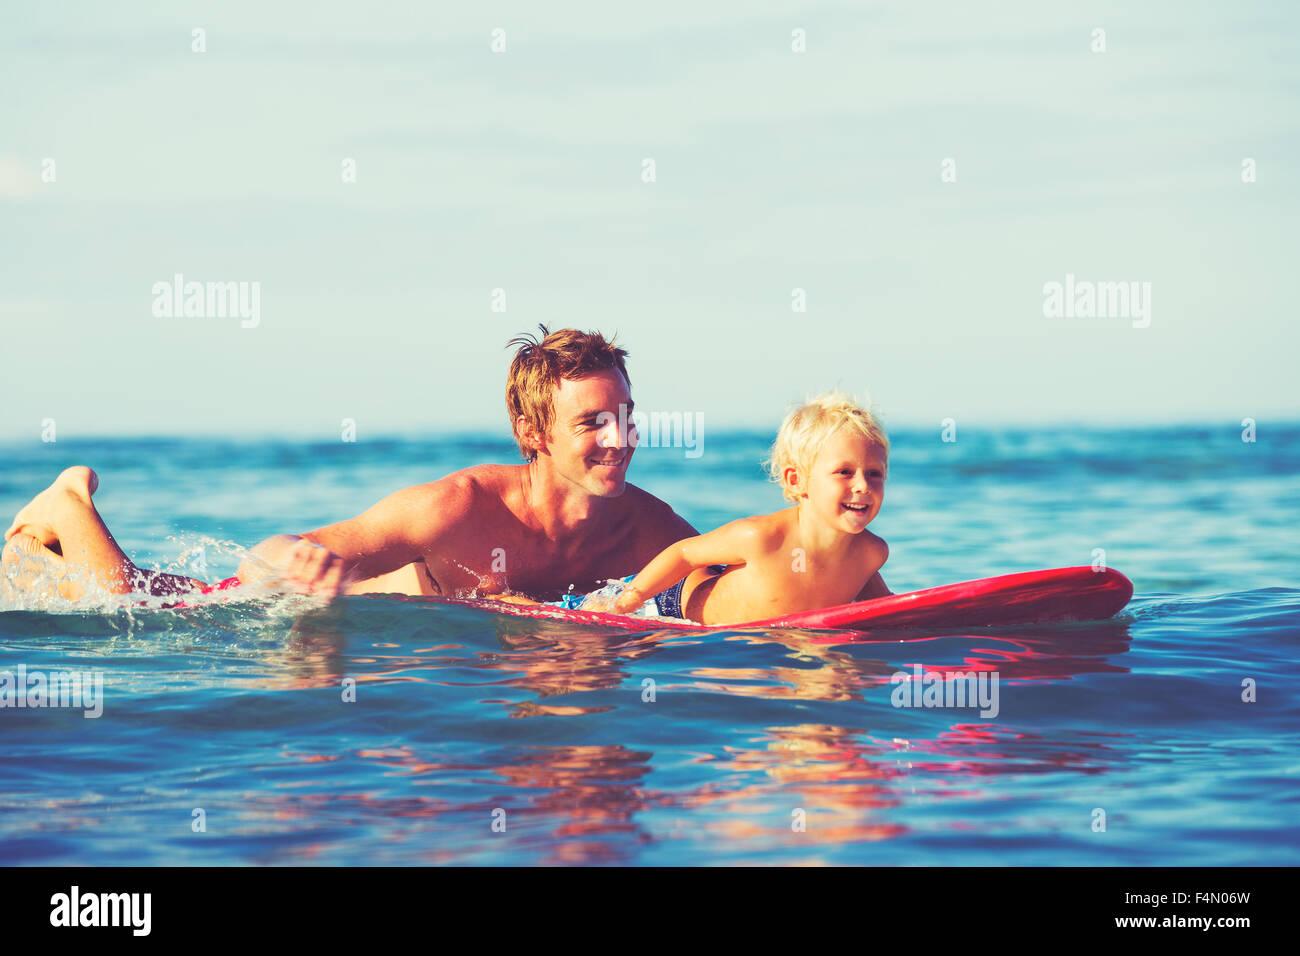 Padre e figlio andando surfare insieme. Divertimento estivo outdoor lifestyle Immagini Stock